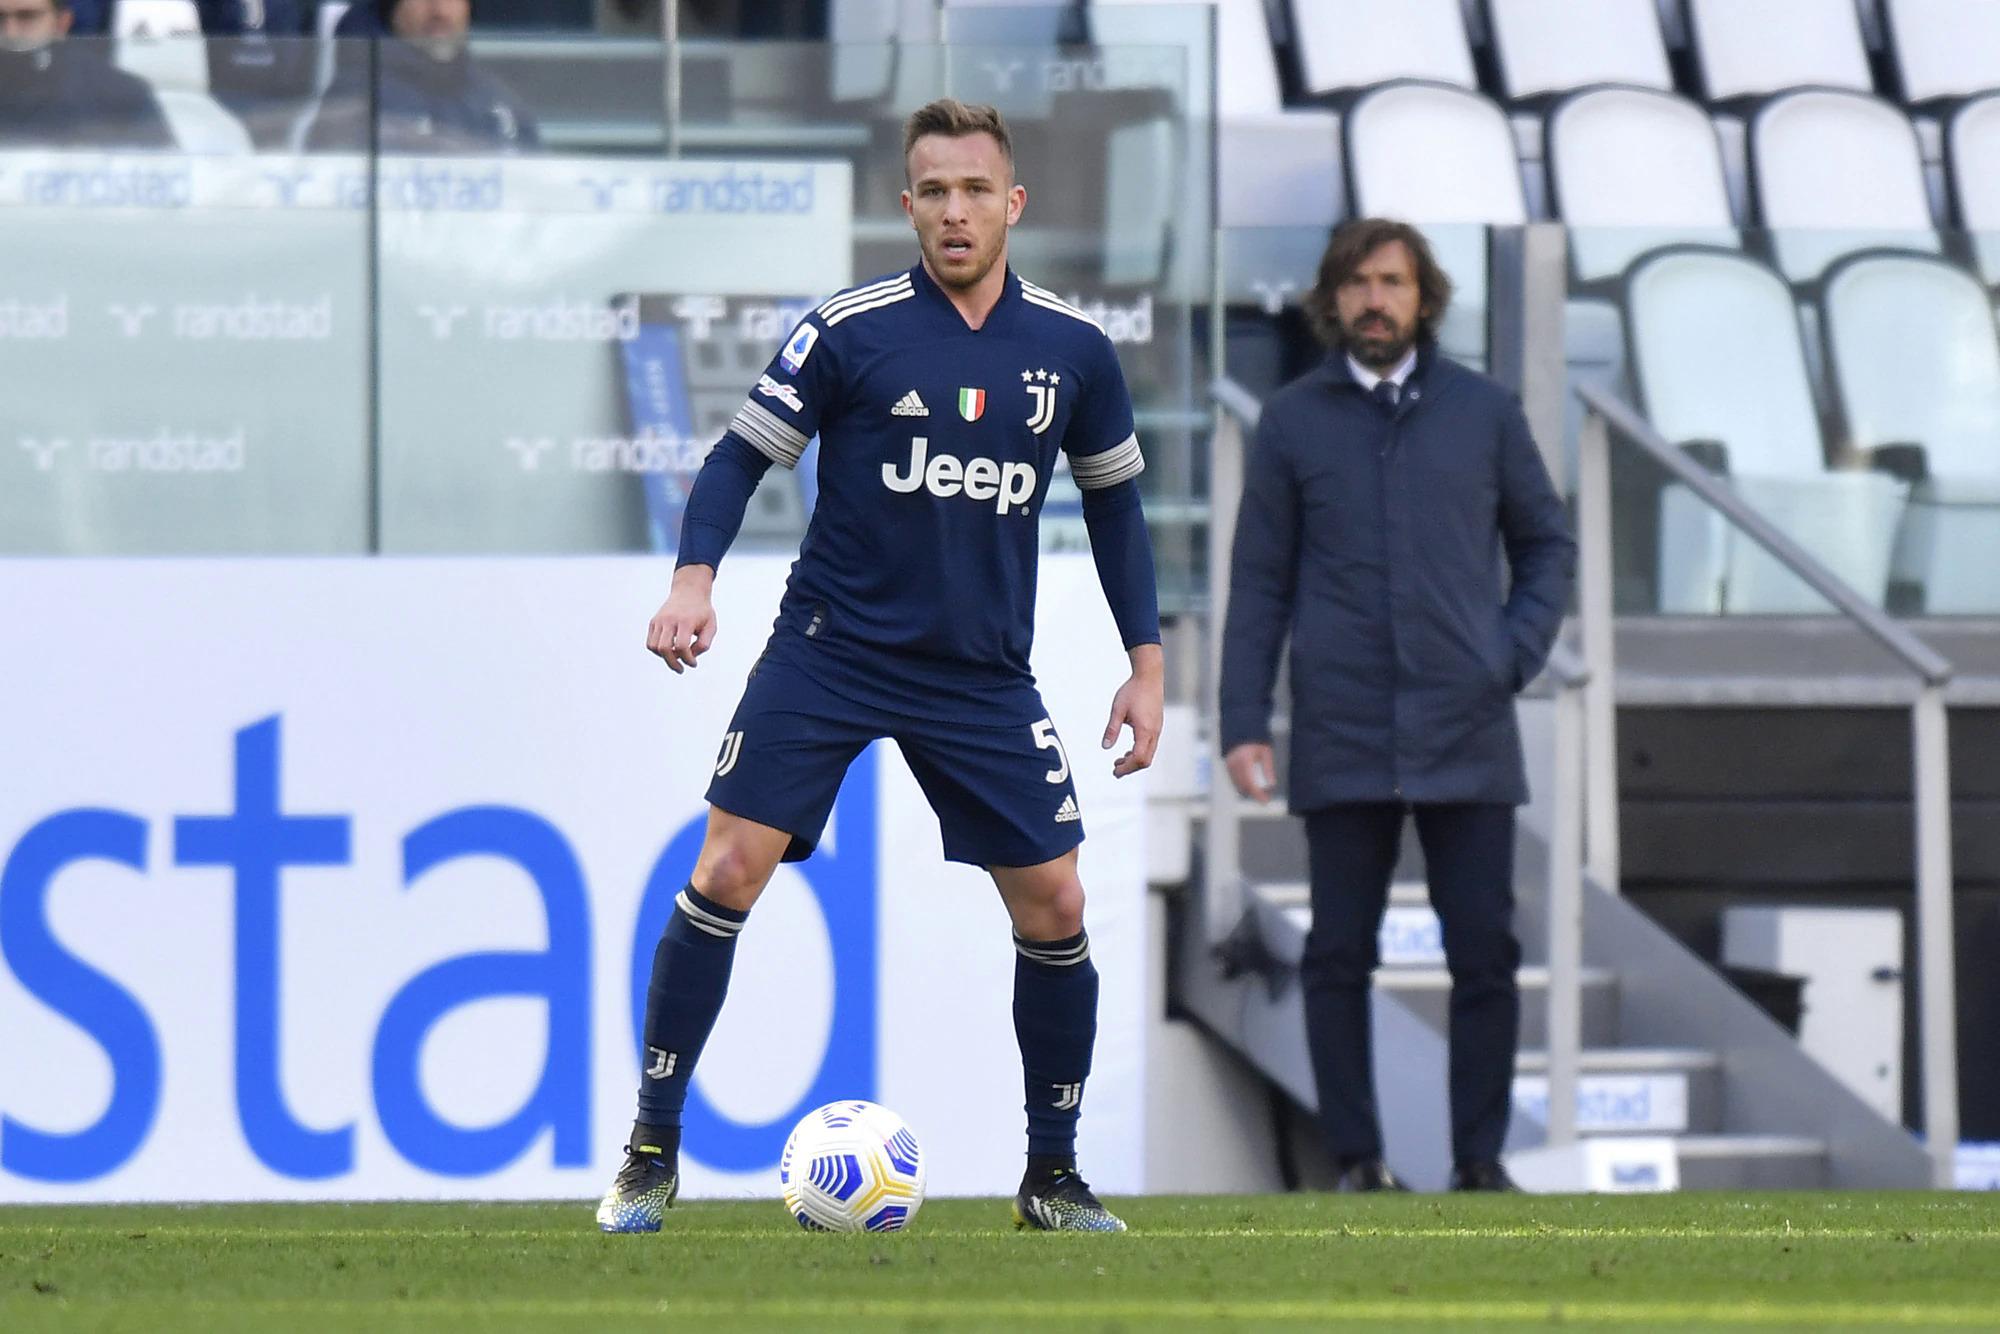 Pirlo memudar dalam pertandingan Juventus kalah dari Benevento di kandang pada 21 Maret.  Foto: Juventus FC